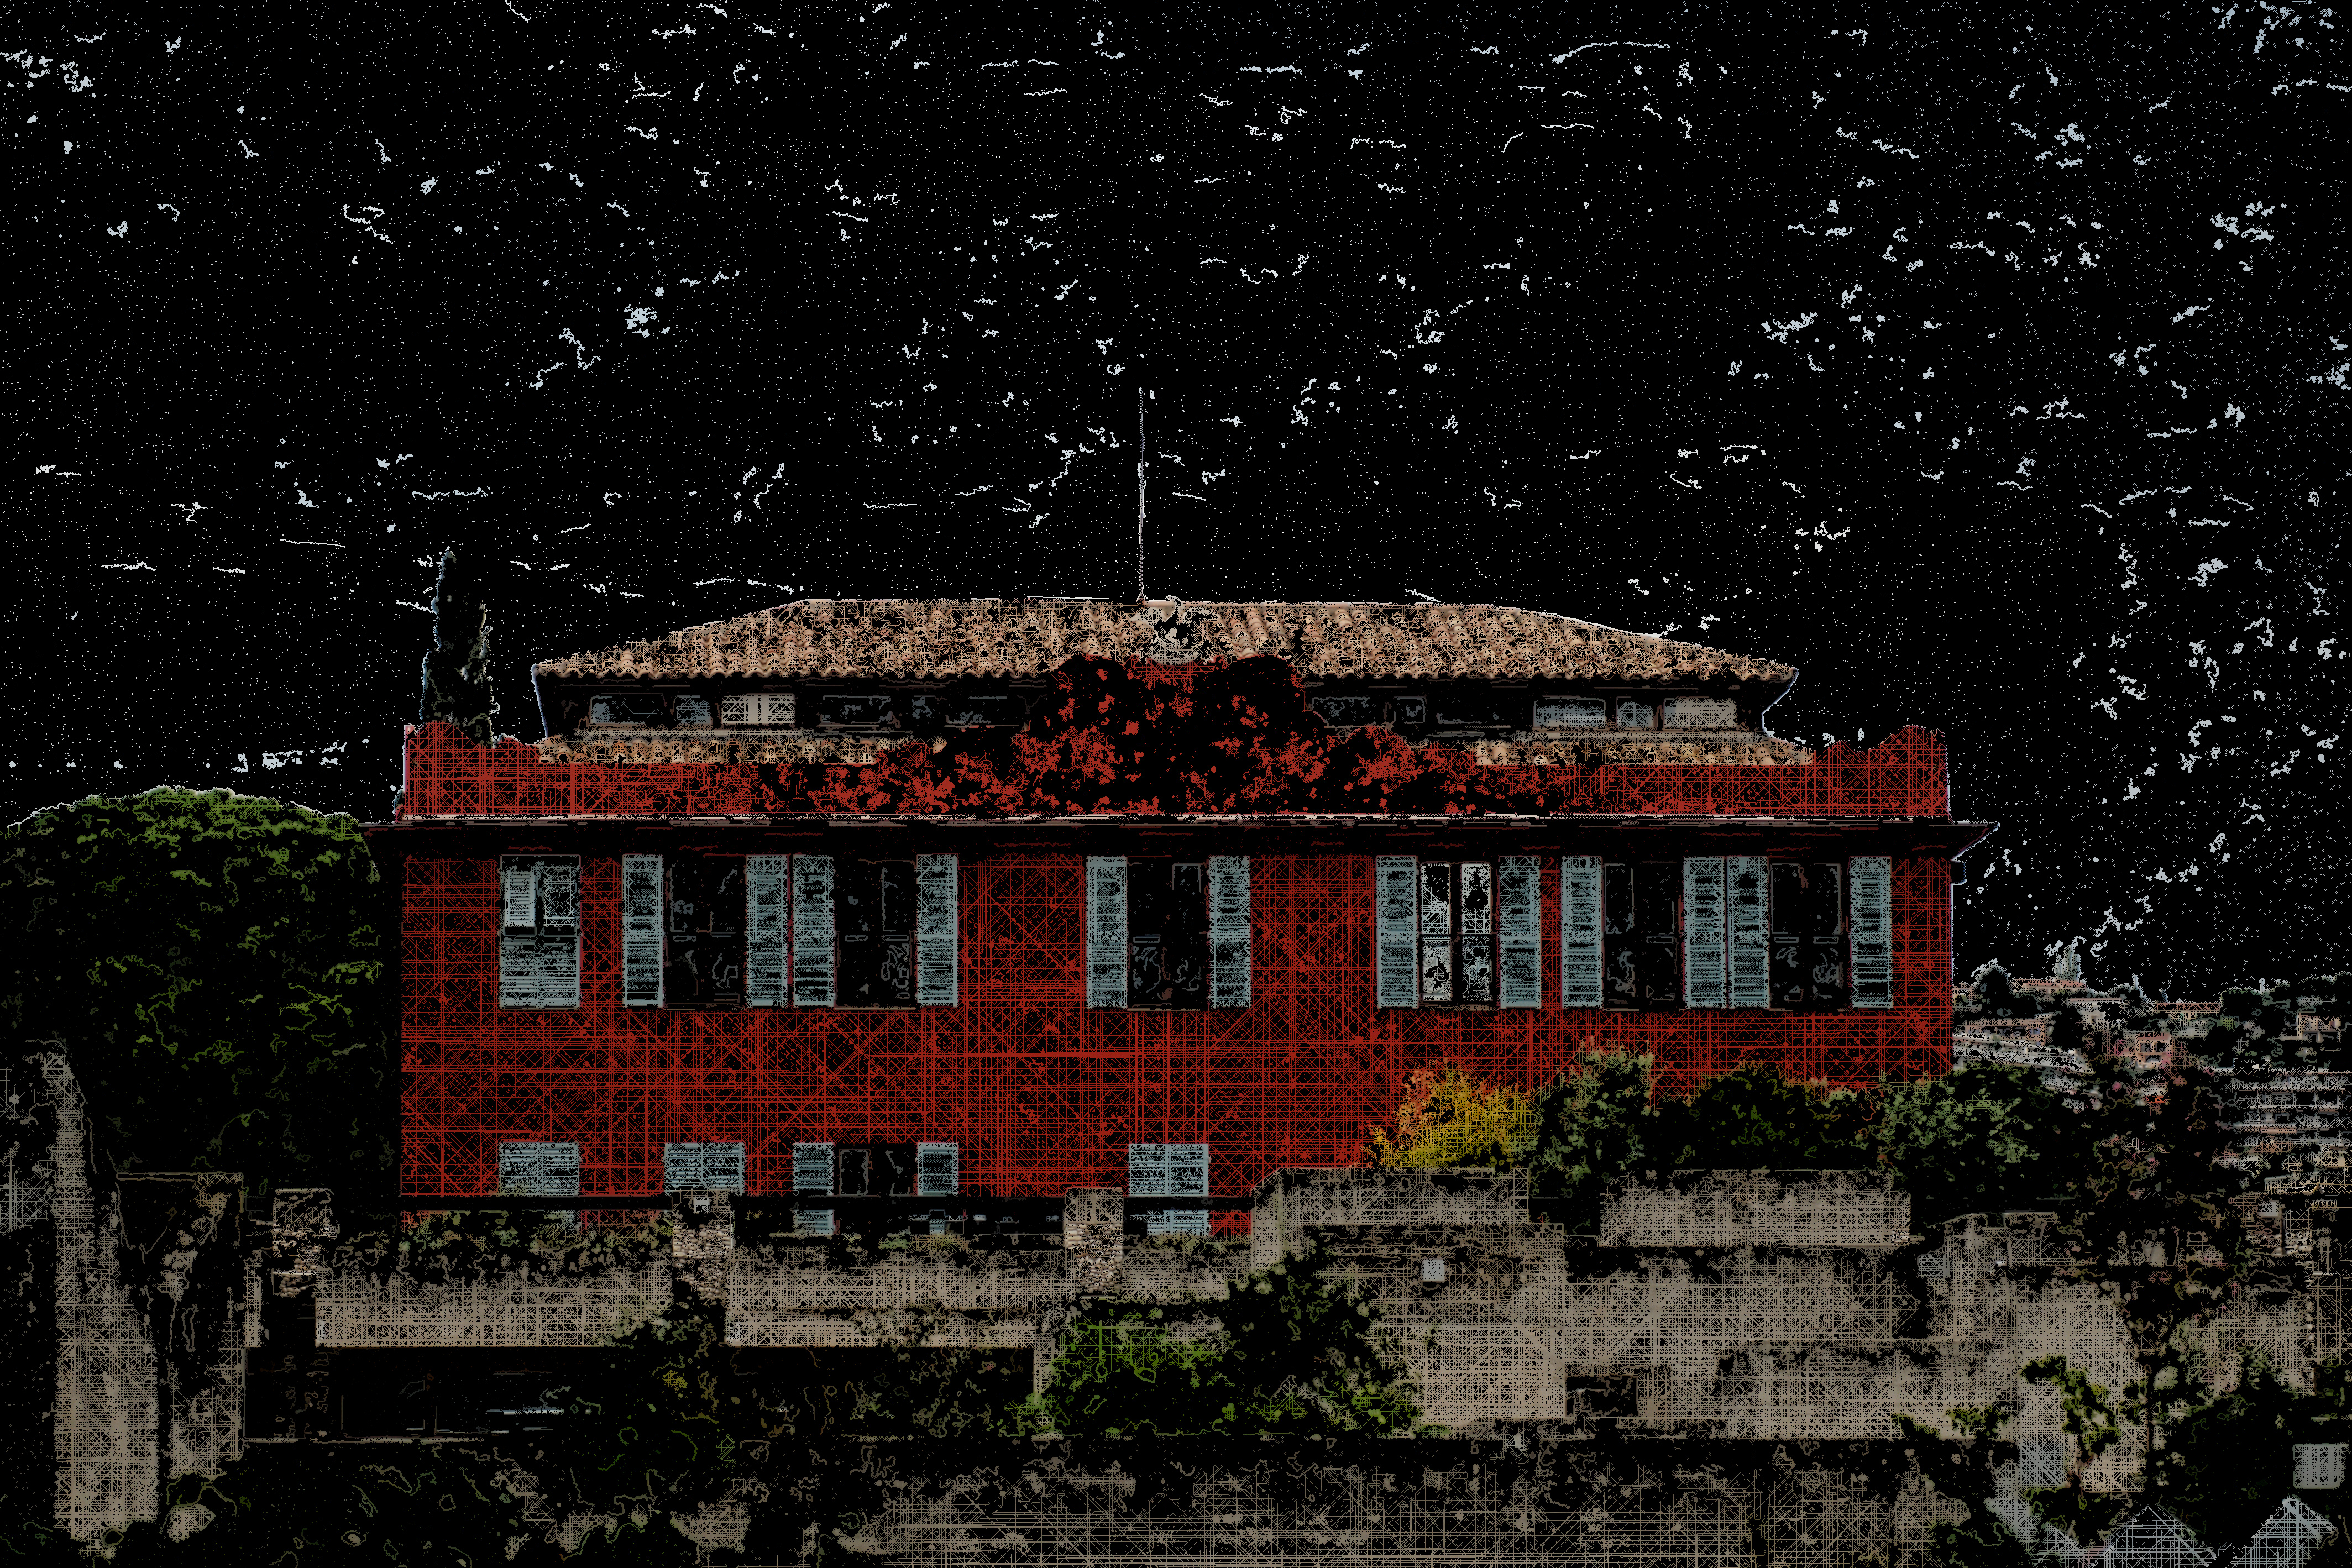 124 - Villa Arson, façade sud. FlowAutomaton 38628 agents 475 itérations. 2021. Crédit photo CC BY Zil